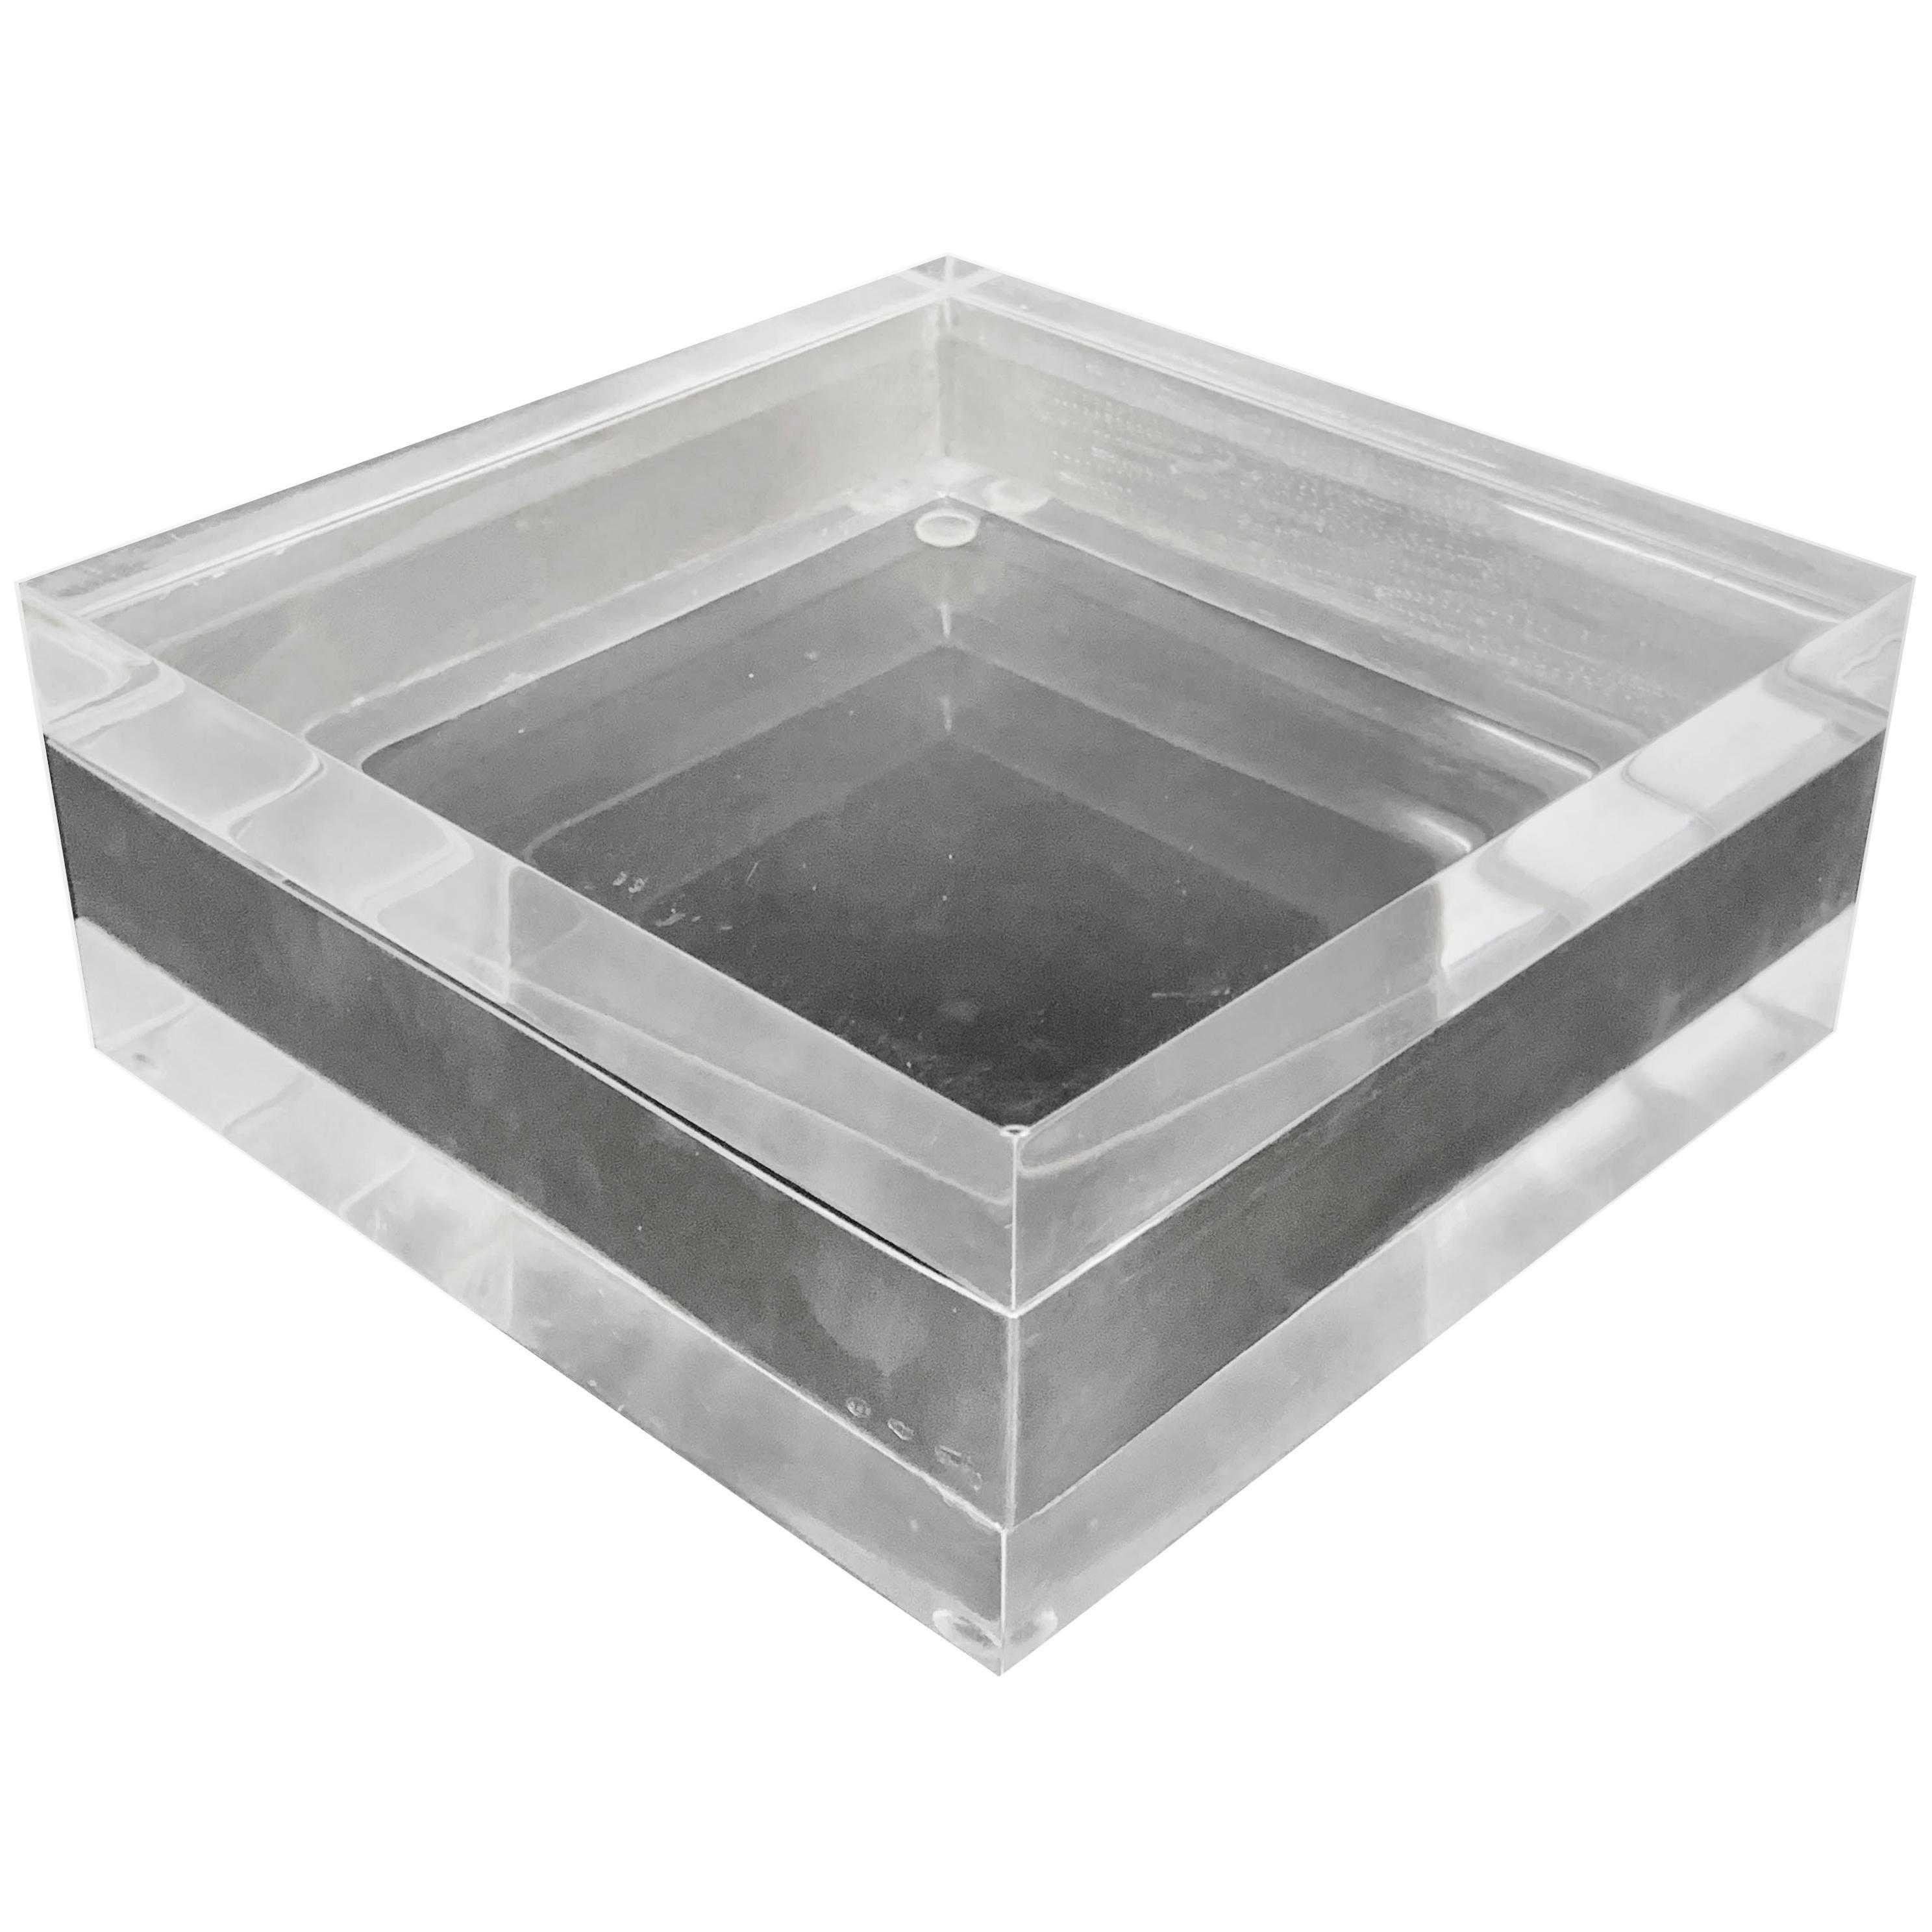 Lucite and Silver Squared Italian Decorative Box, 1970s